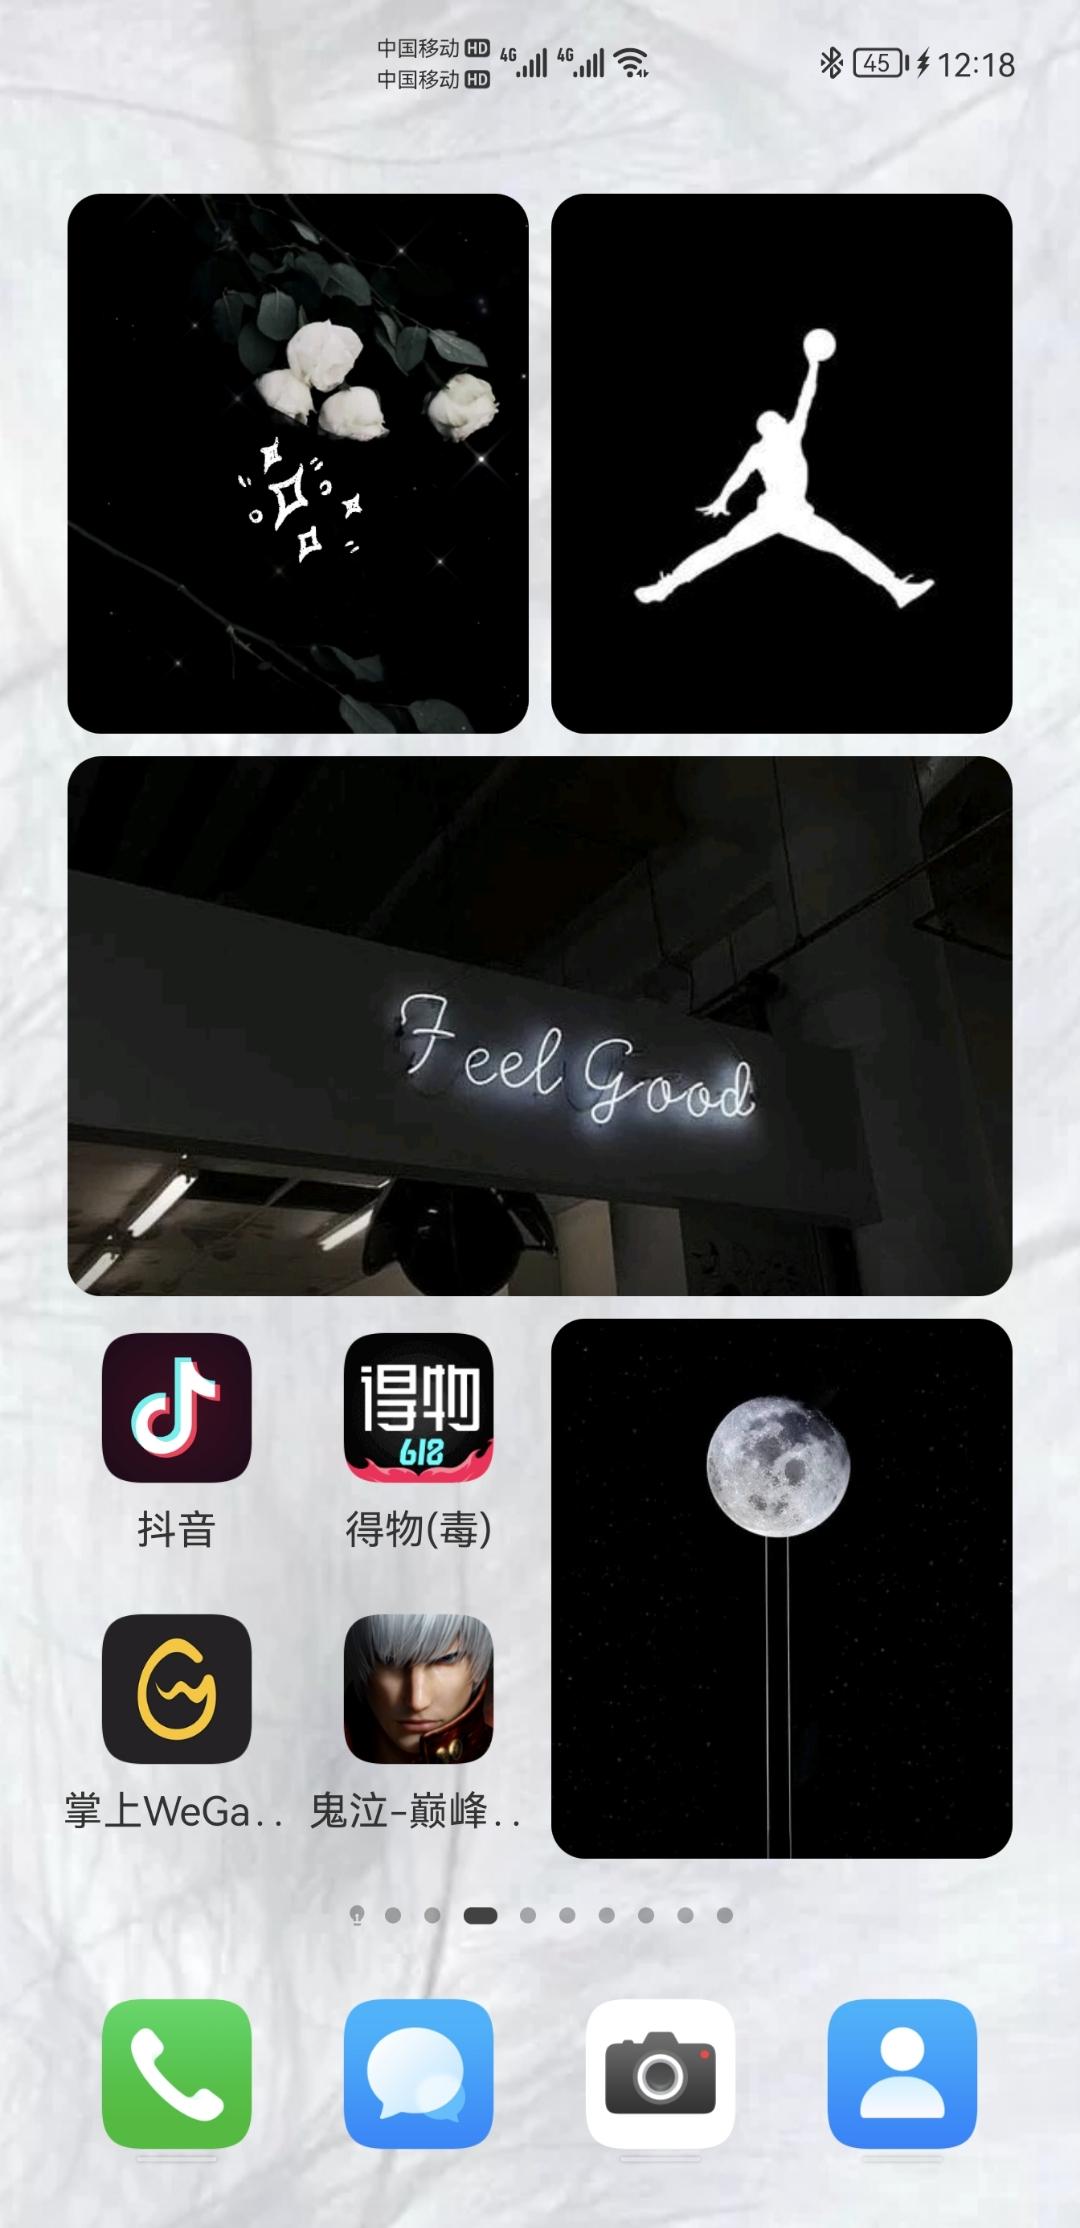 Screenshot_20210612_121807_com.huawei.android.launcher.jpg